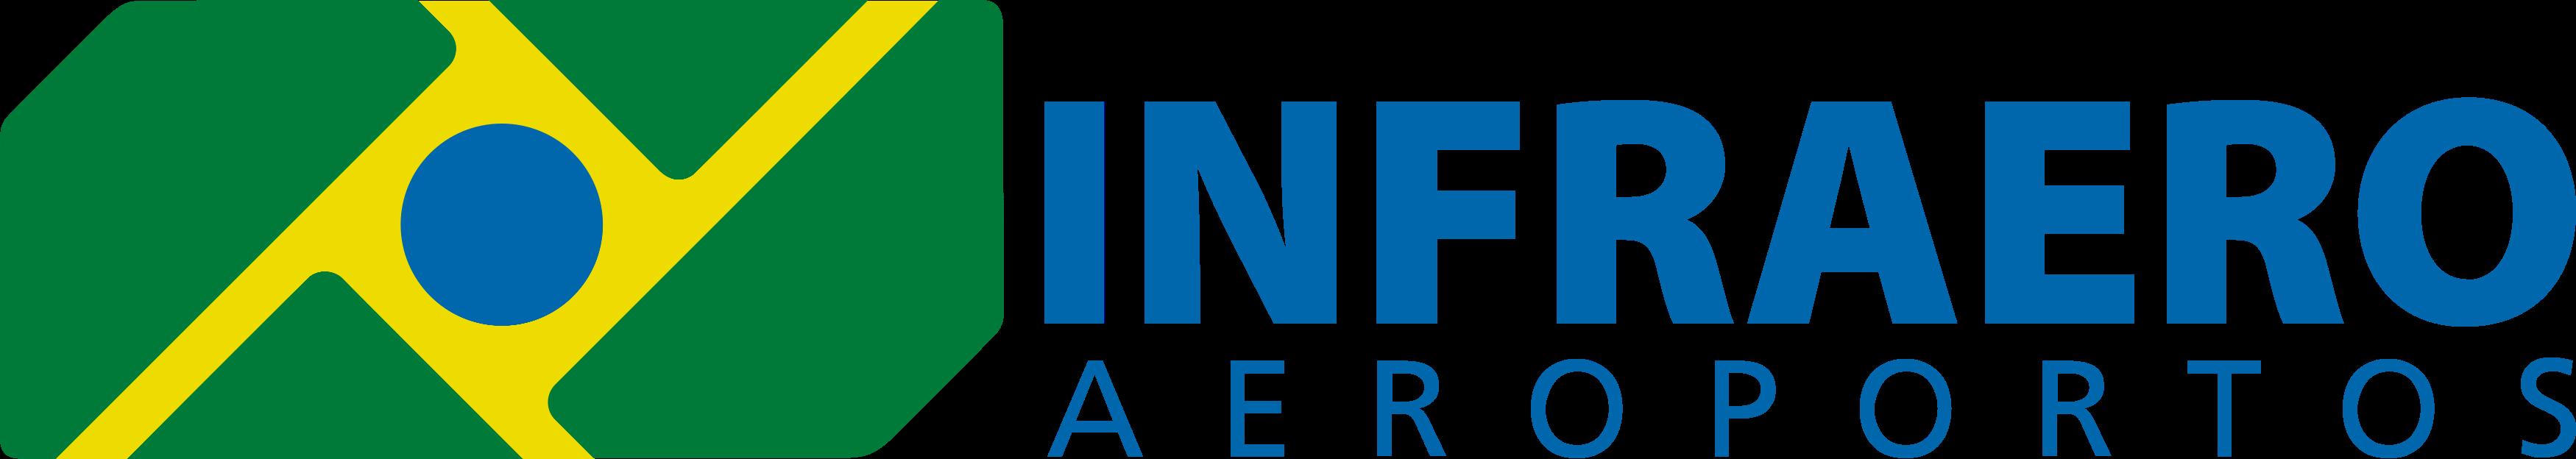 Infraero Logo.